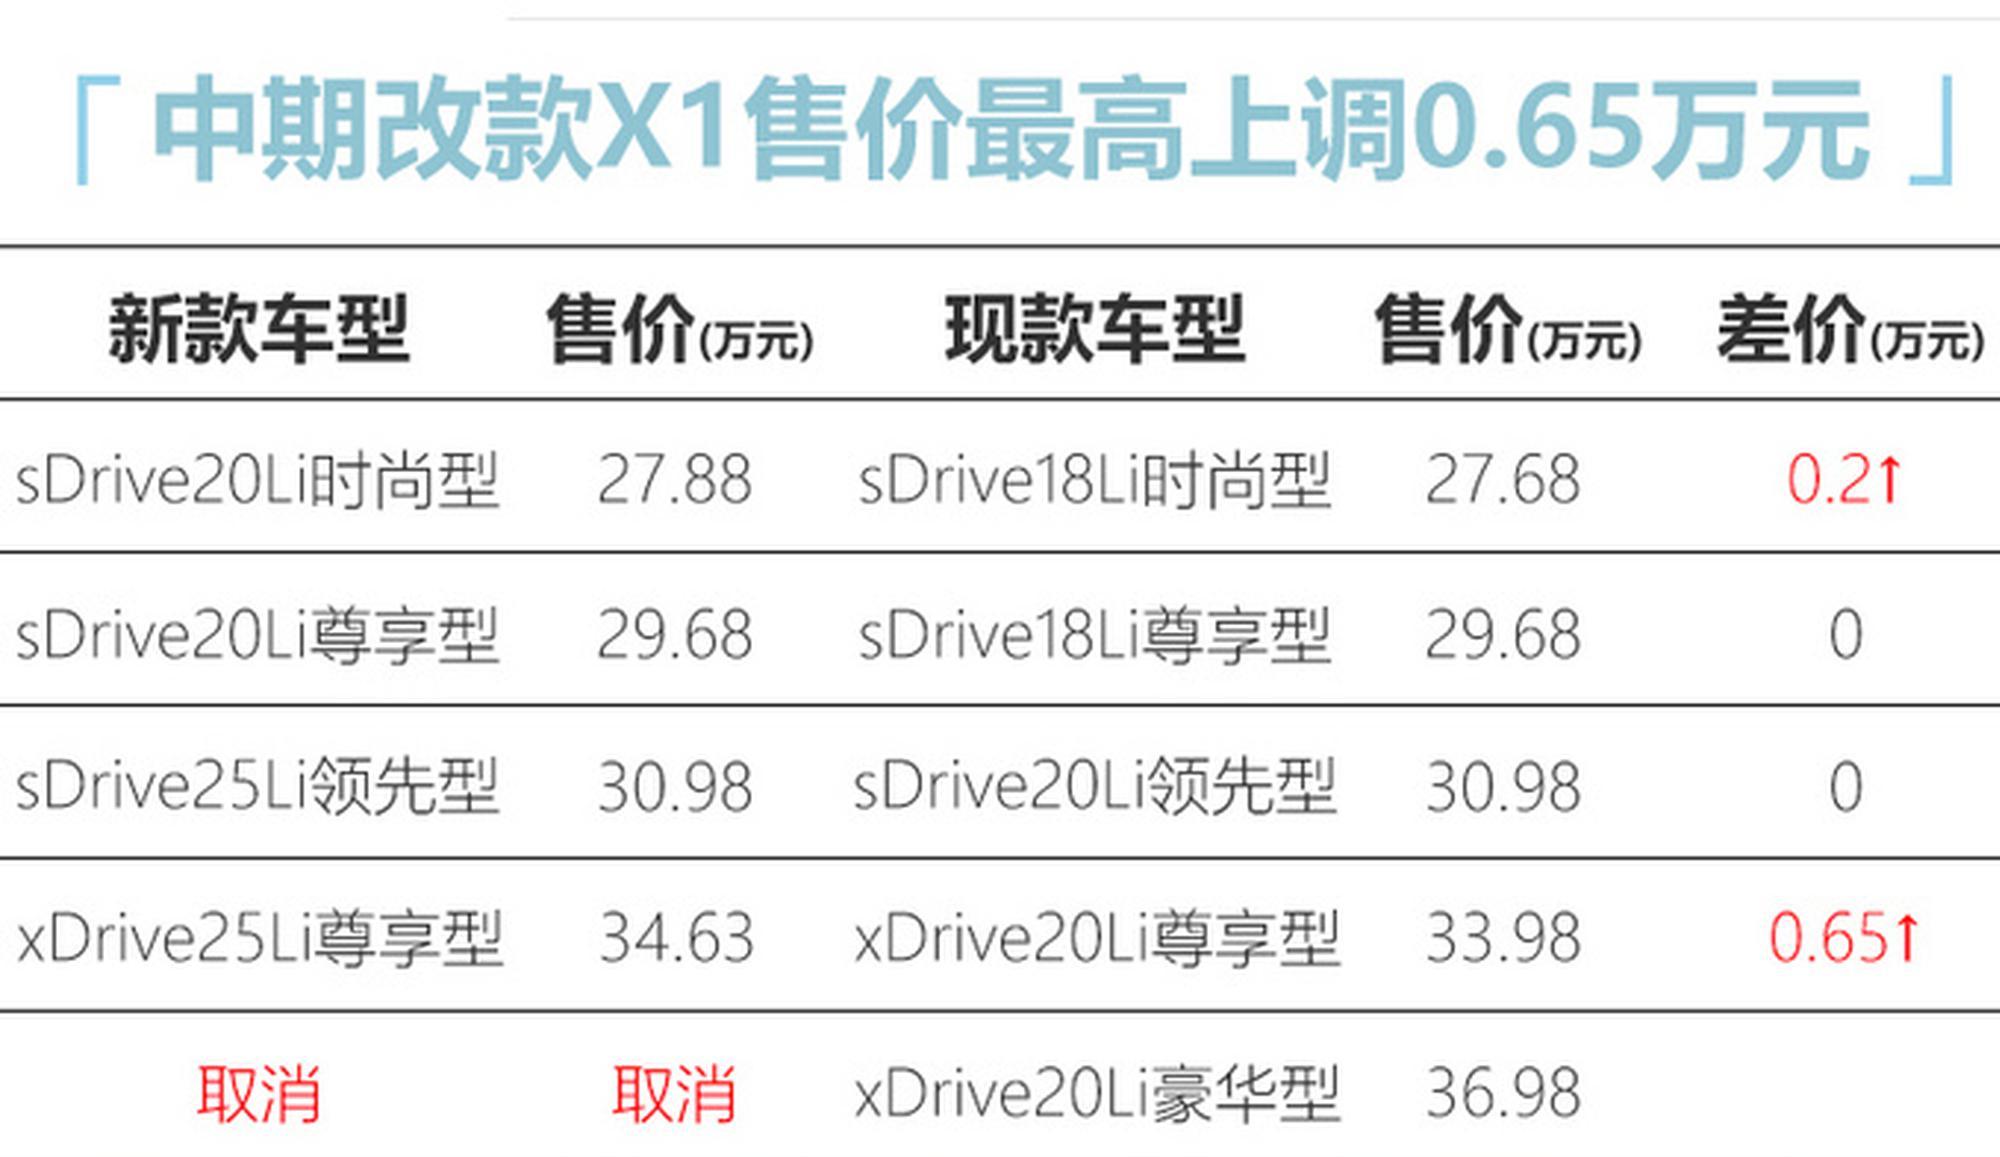 宝马新款X1售价曝光!最飞腾6千5